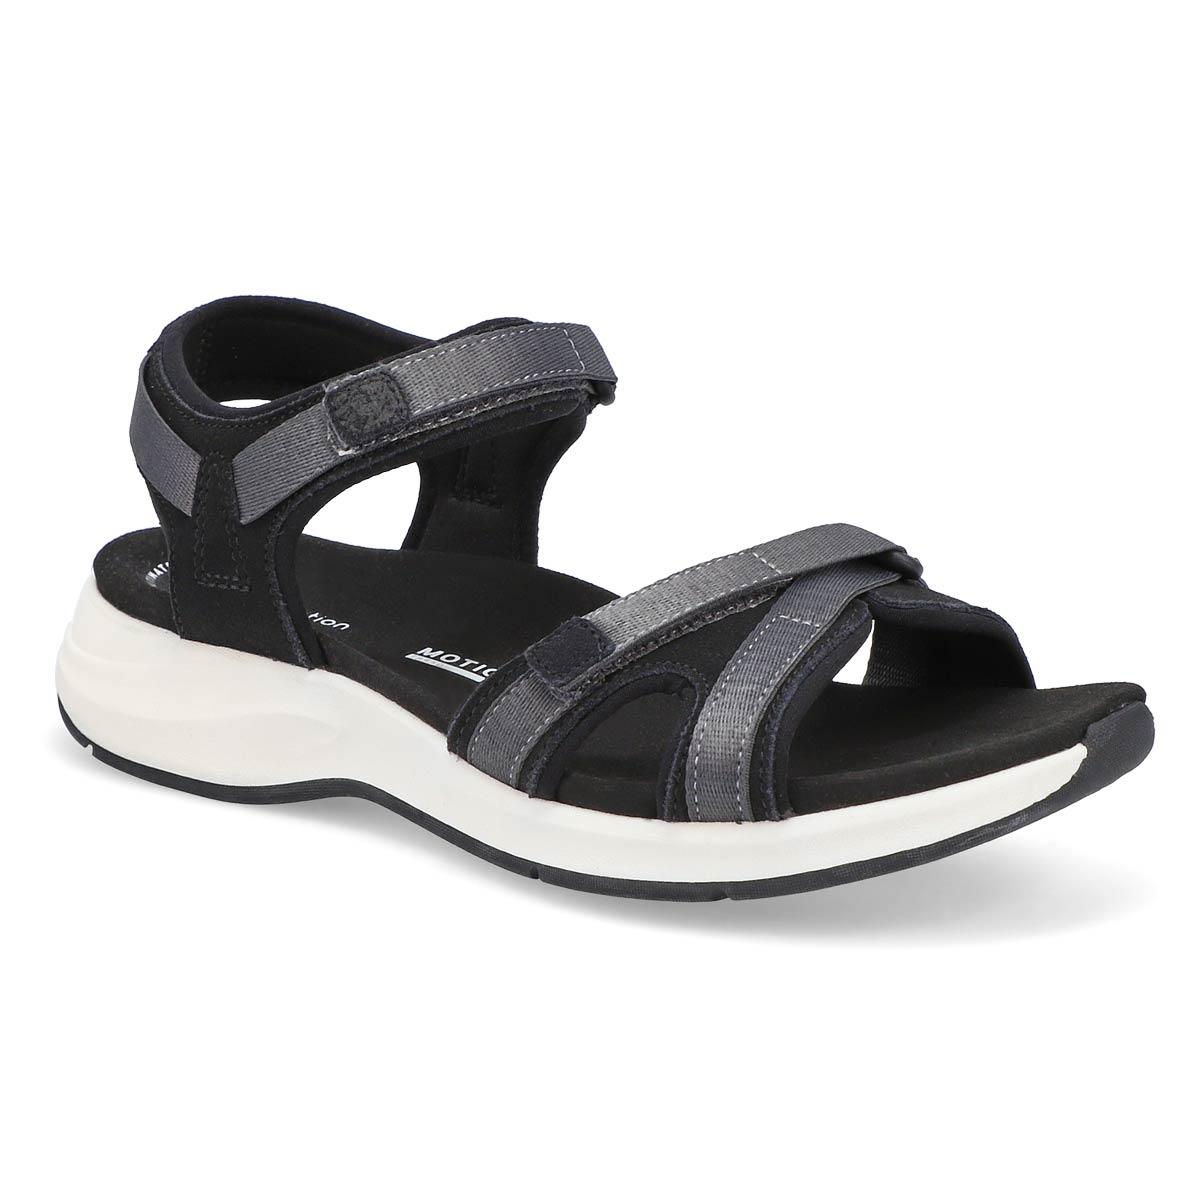 Sandale sport Solan Drift, noir/gris femmes